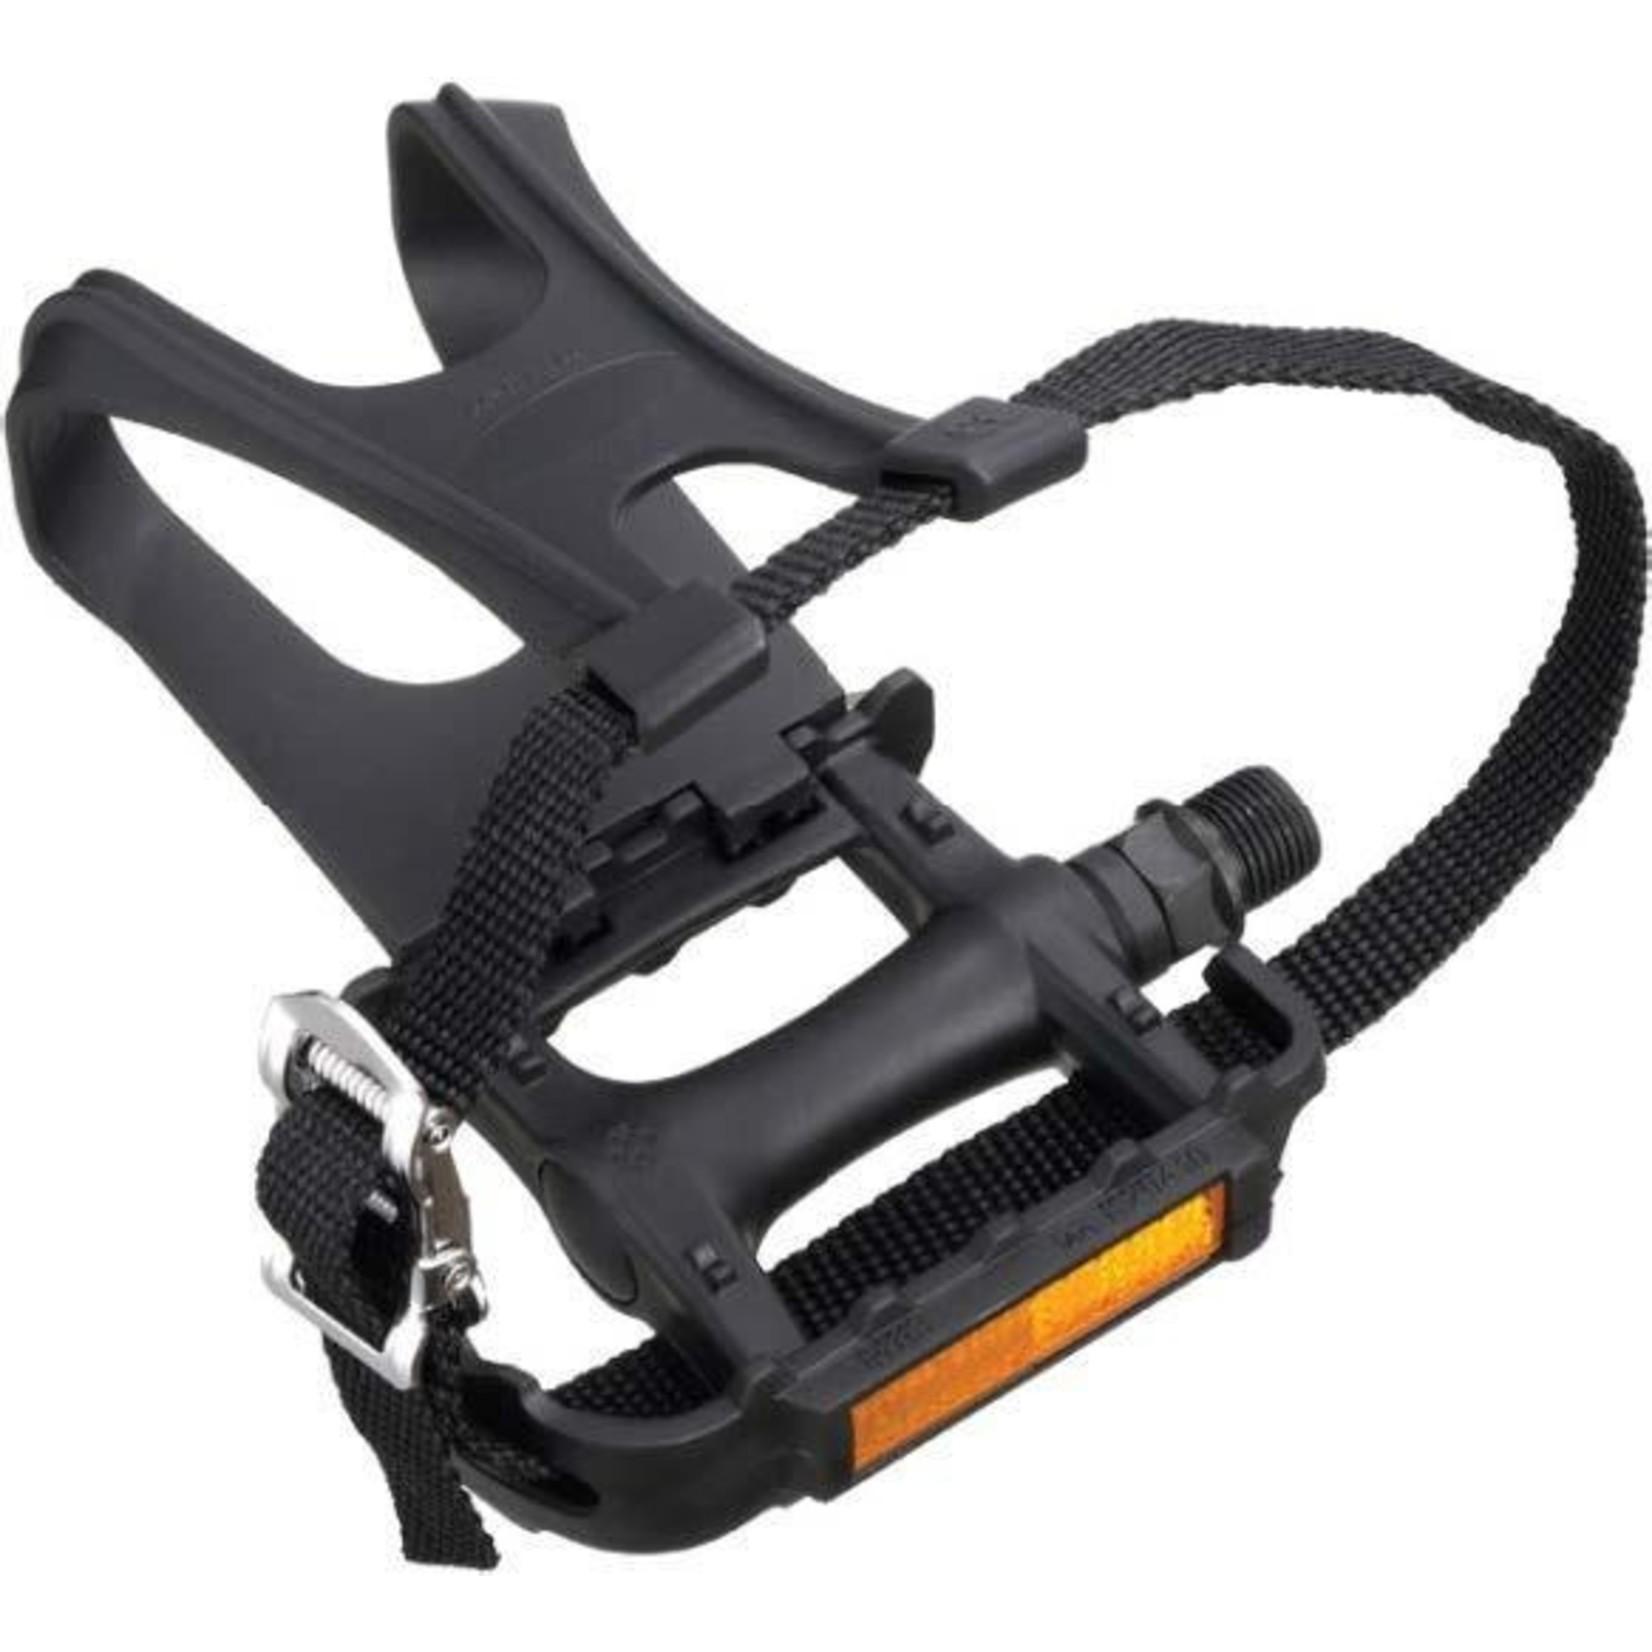 WELLGO Wellgo M141 Toe Clip Pedals